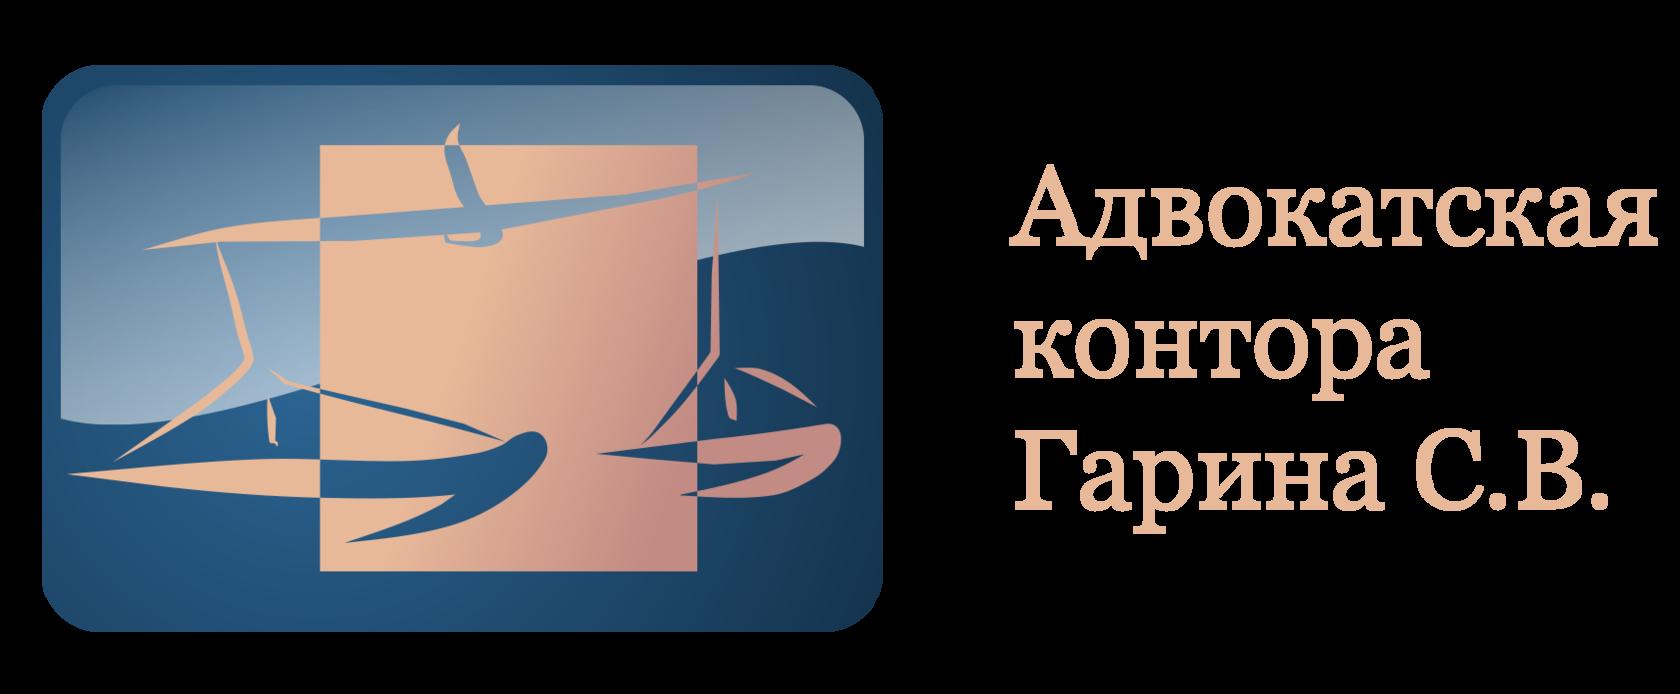 Адвокатская контора Гарина С.В.